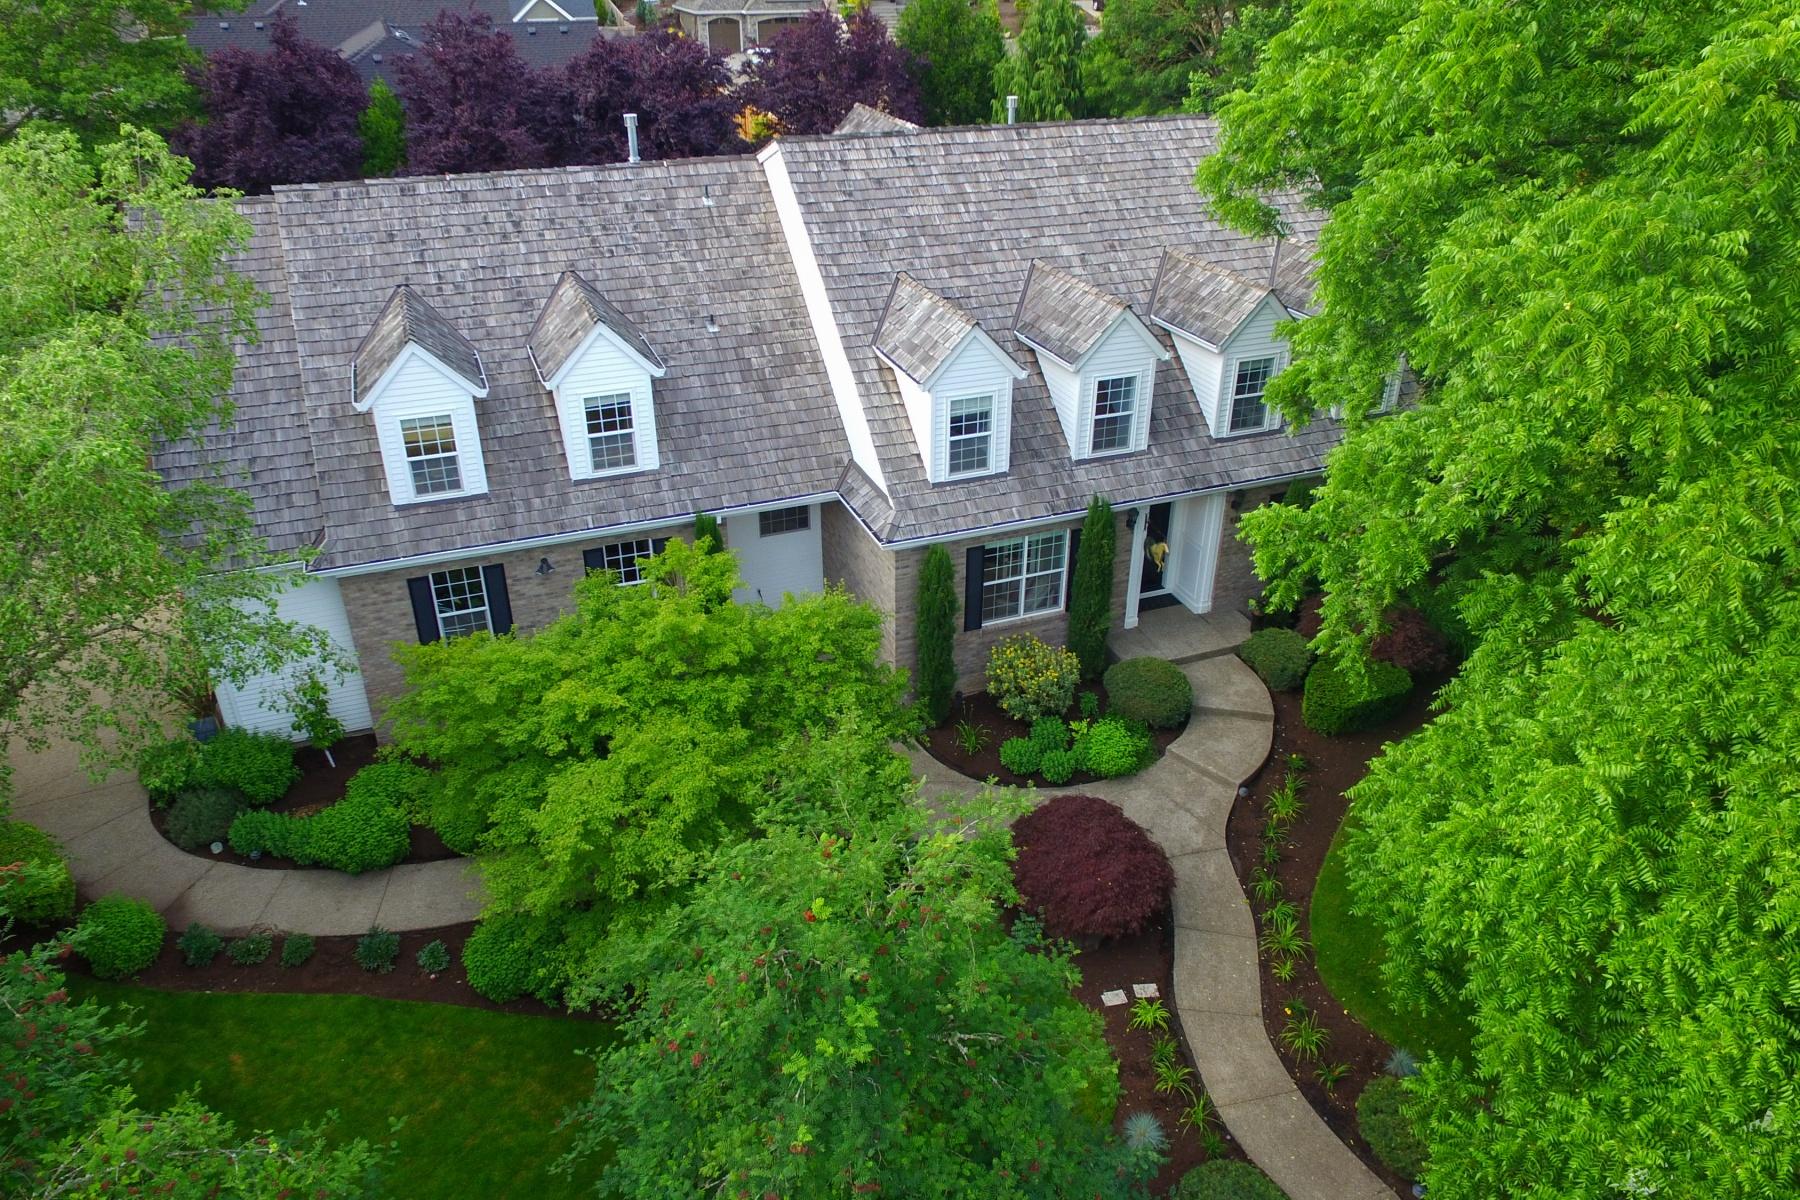 独户住宅 为 销售 在 13017 KNAUS RD, LAKE OSWEGO 奥斯威尔湖, 俄勒冈州, 97034 美国